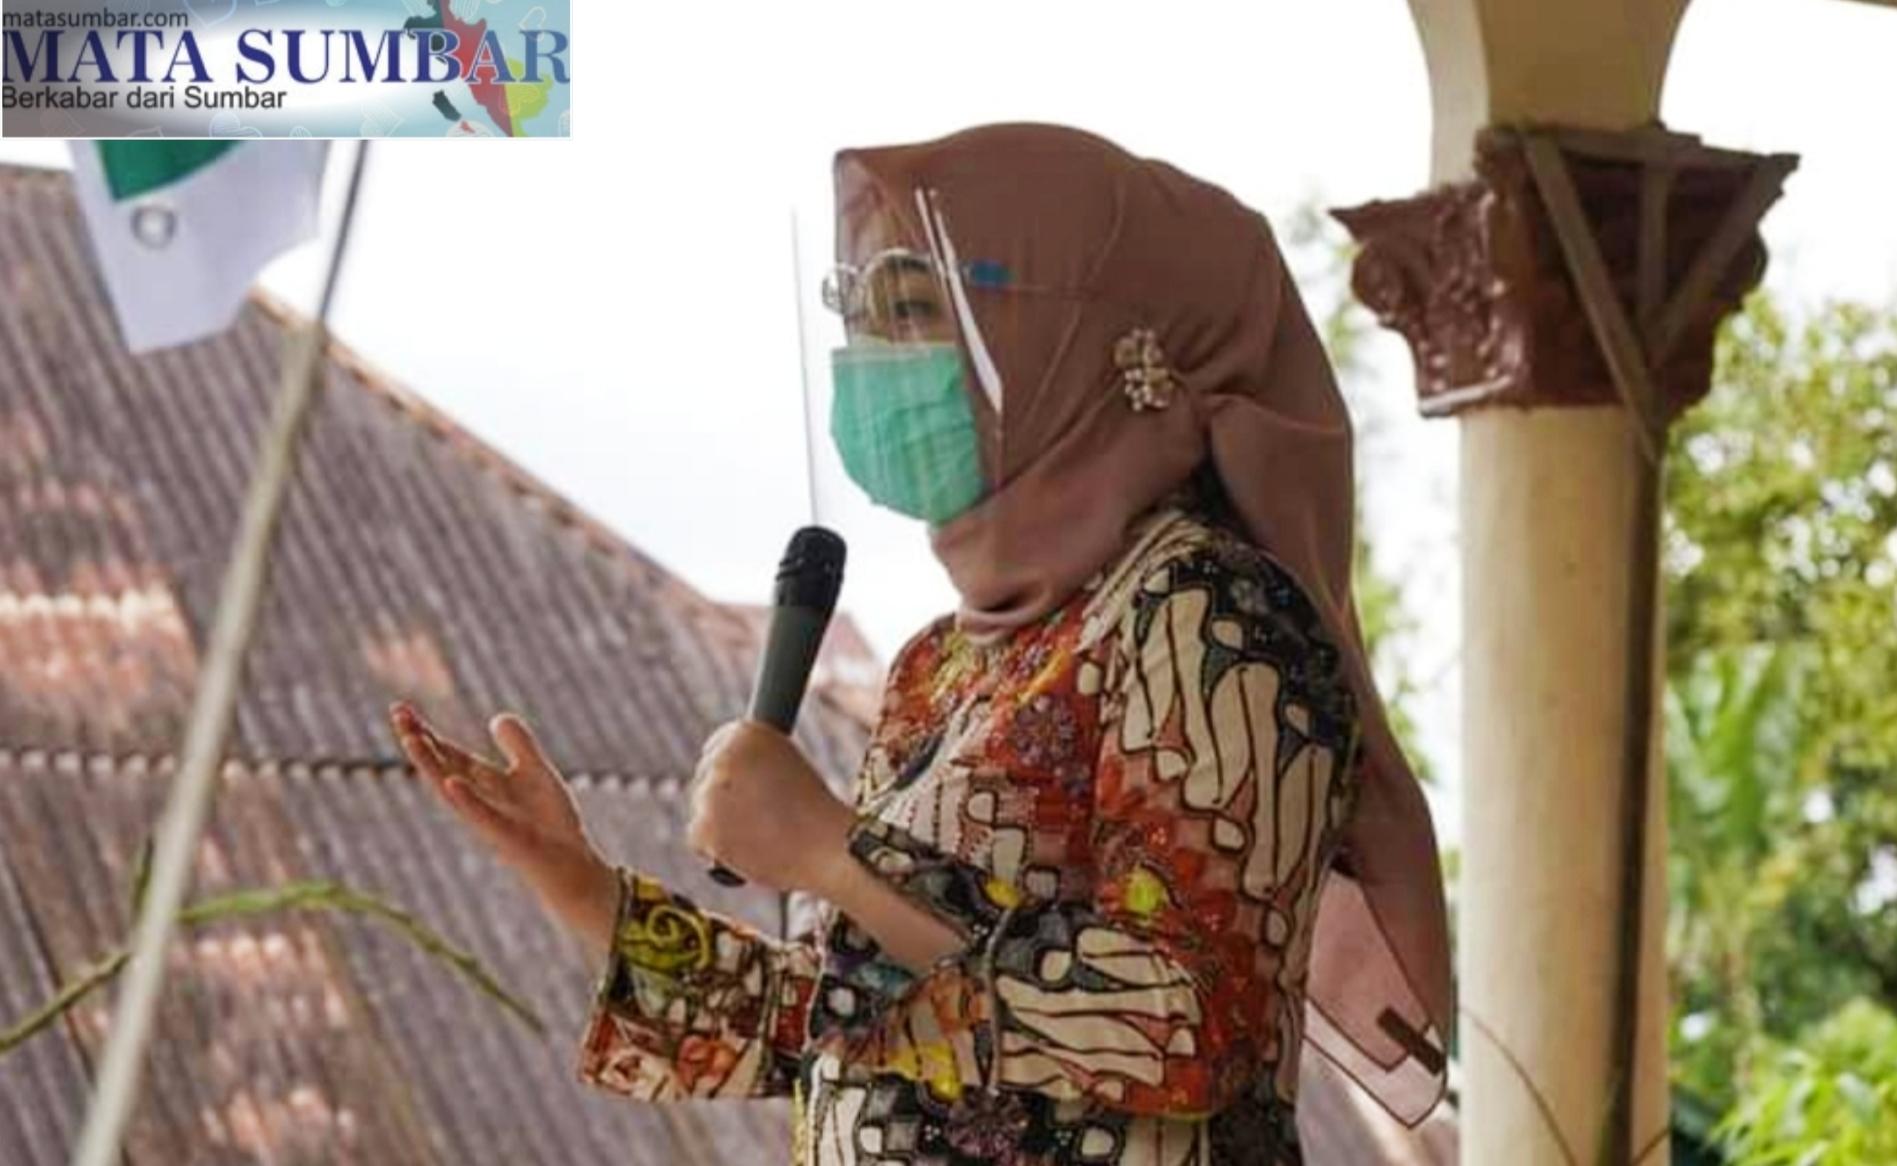 Kampanyekan Gerakan World Clean Up Day, Ny Dian Puspita : Mari Bersatu Untuk Indonesia Bersih